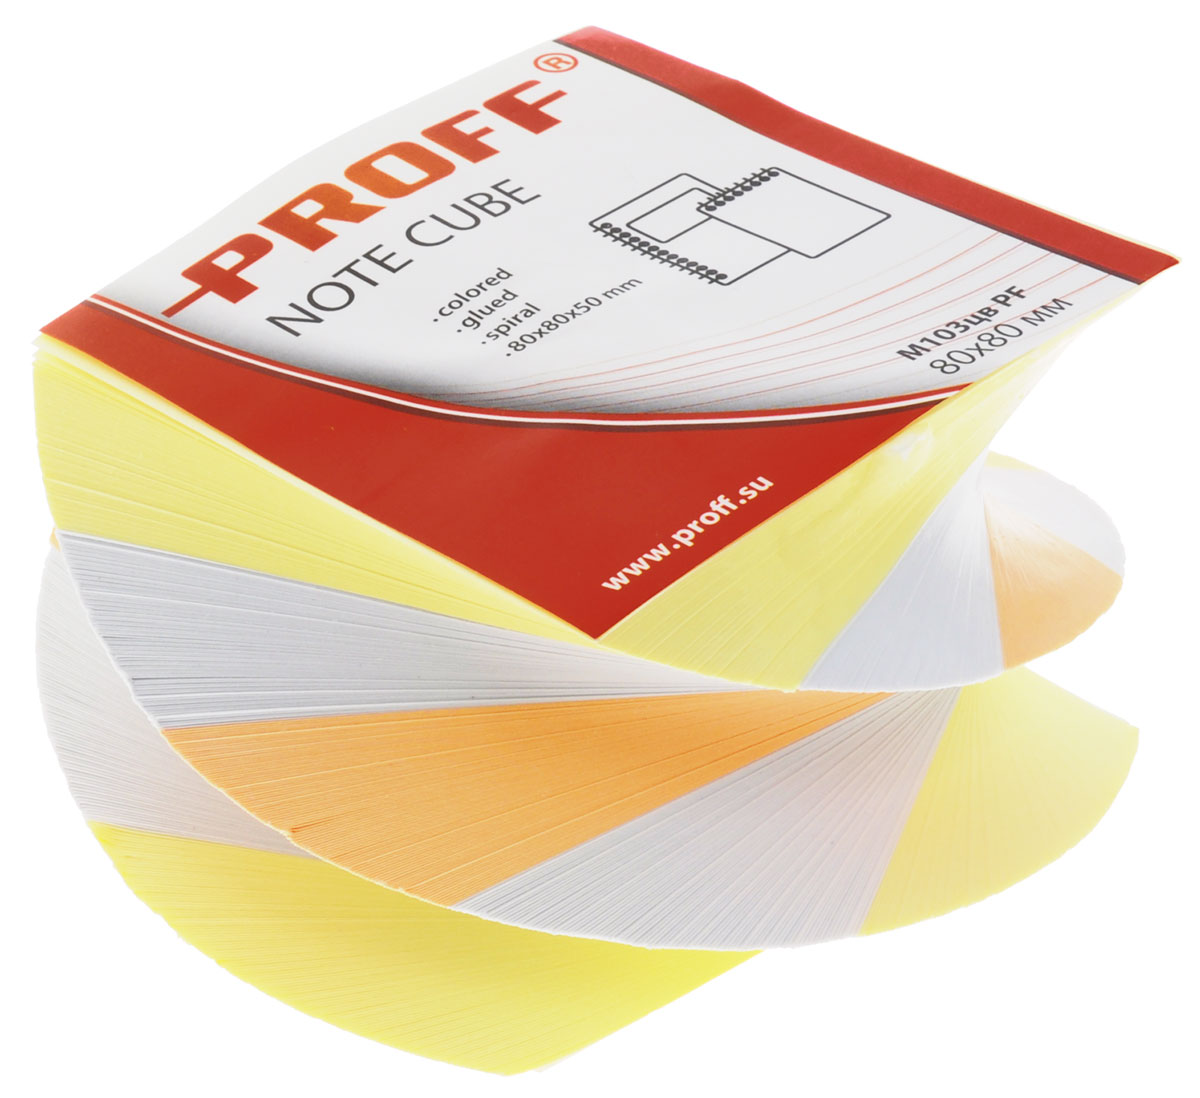 Proff Блок для записей цвет оранжевый желтый белый